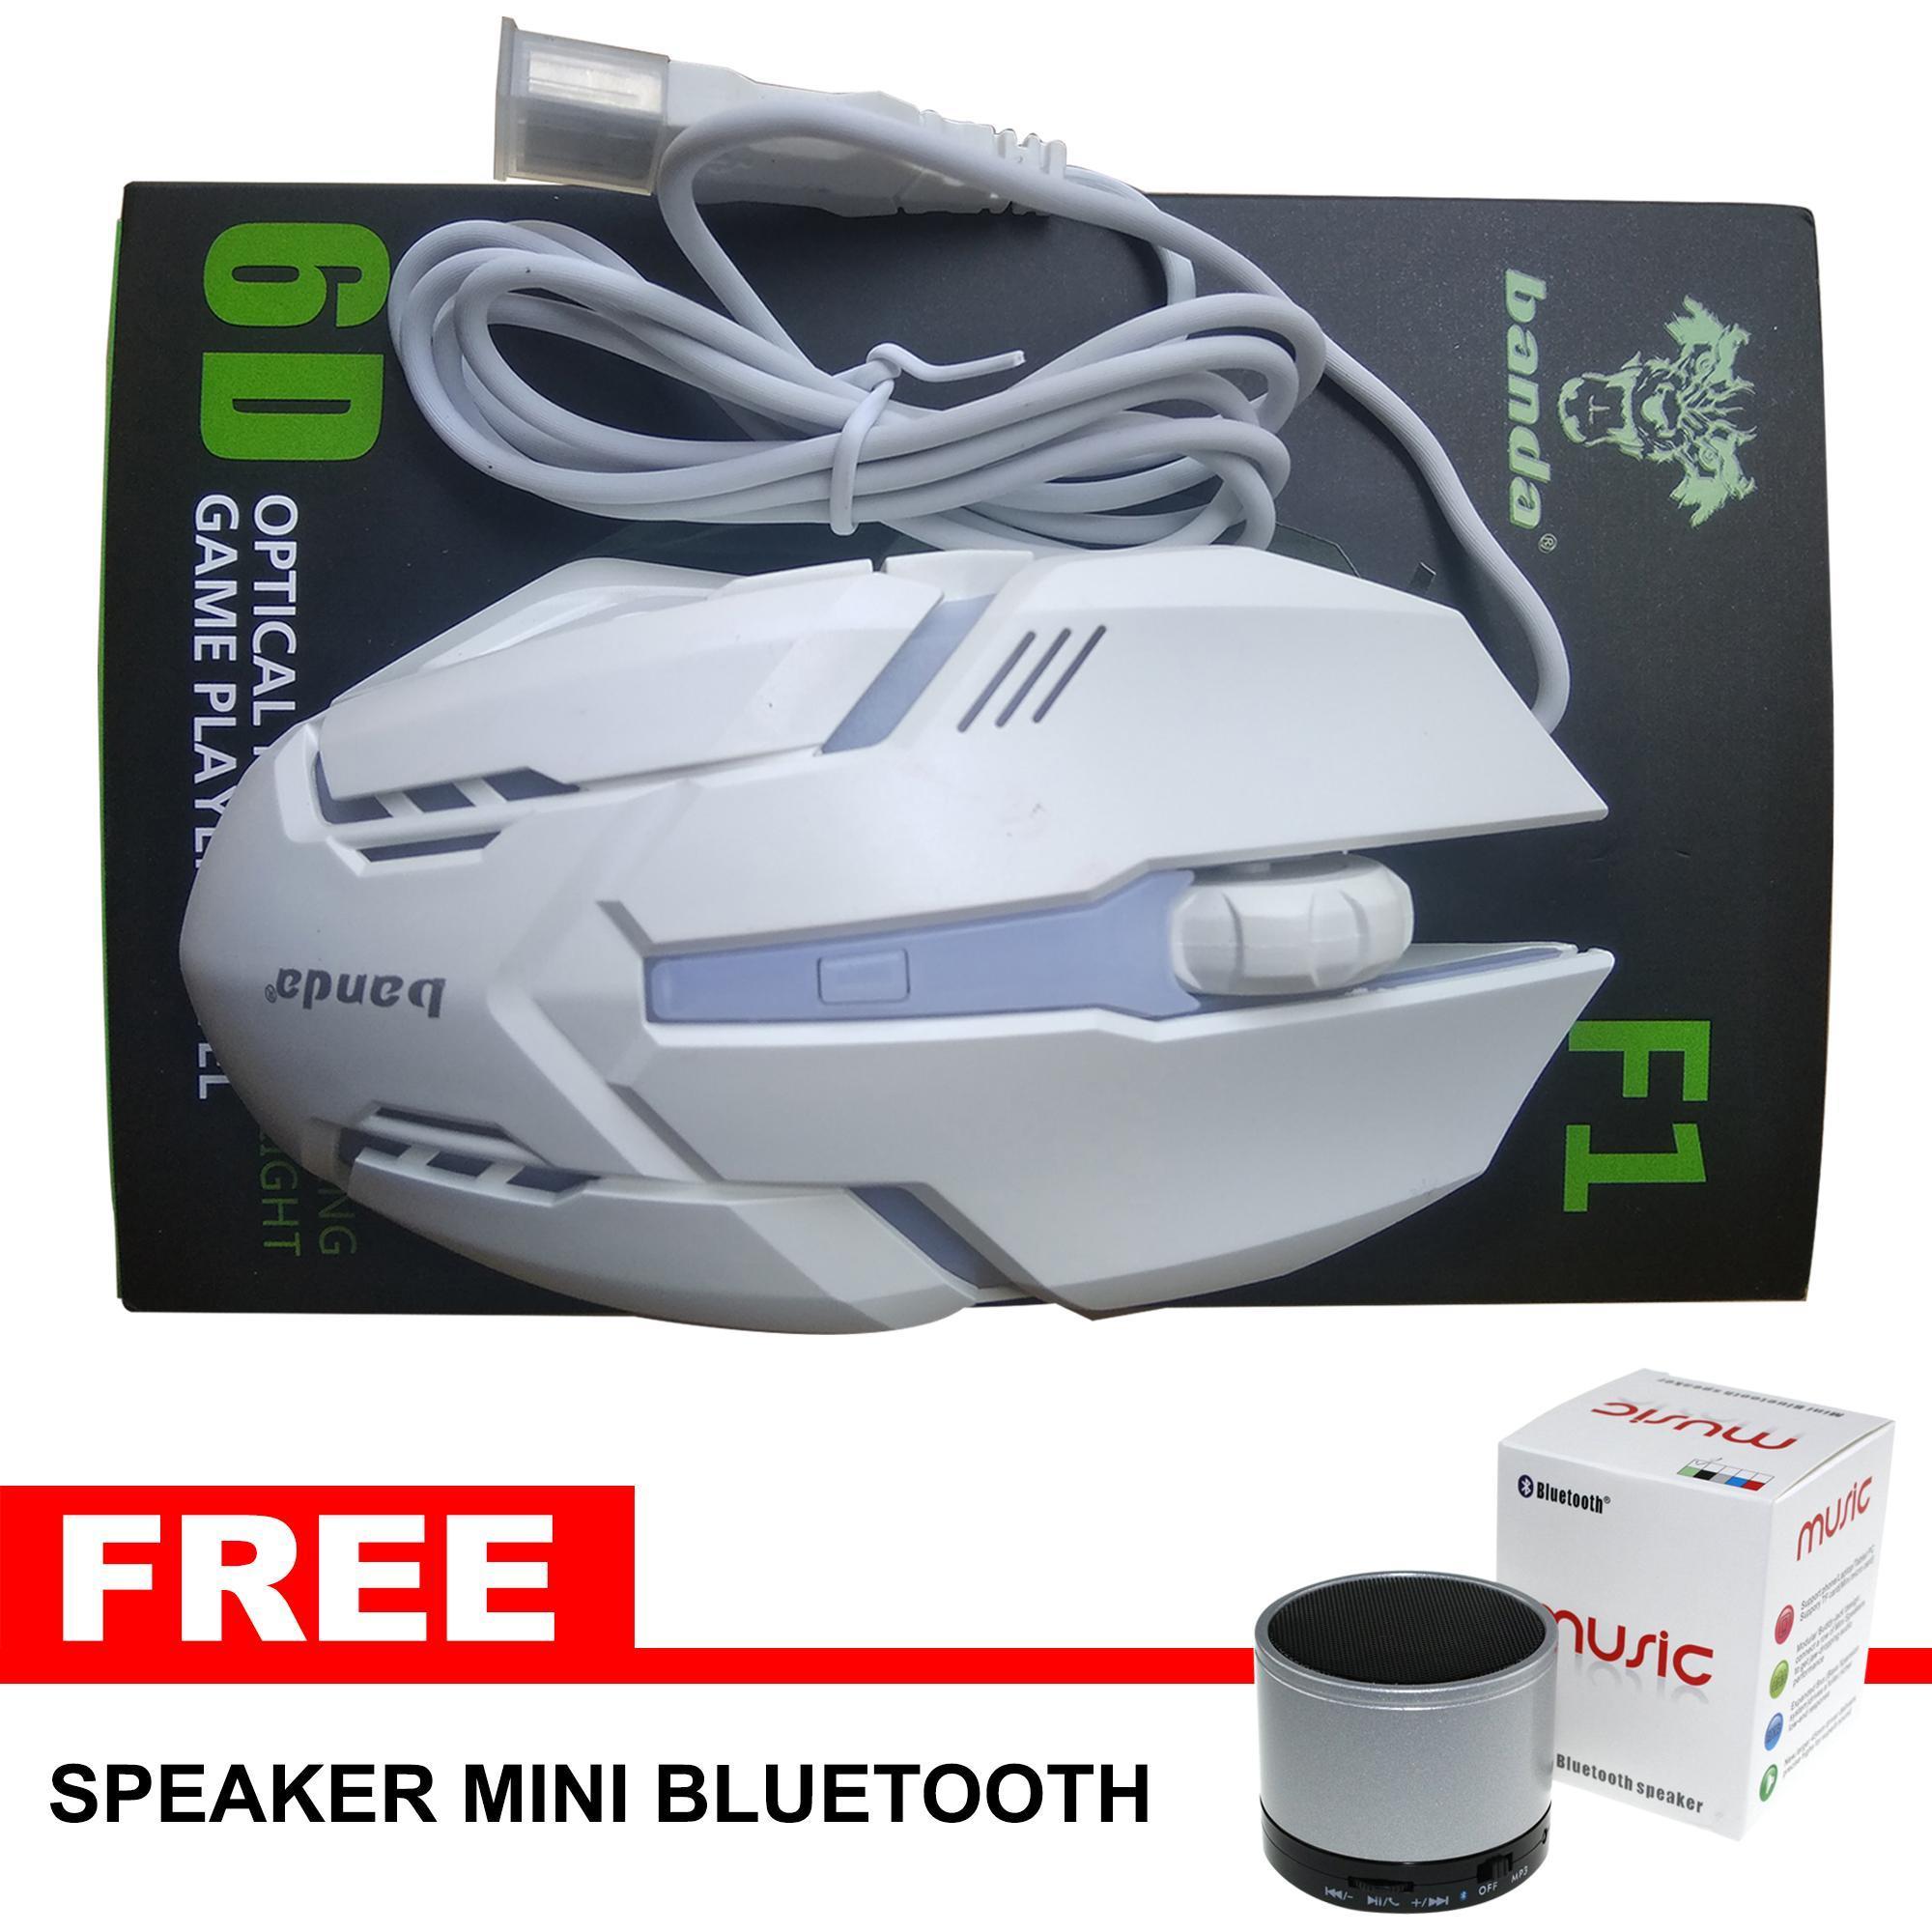 Newtech Banda Mouse Optical Putih Merah Spec Dan Daftar Harga Lm Wireless Ap01 Gaming F1 6d